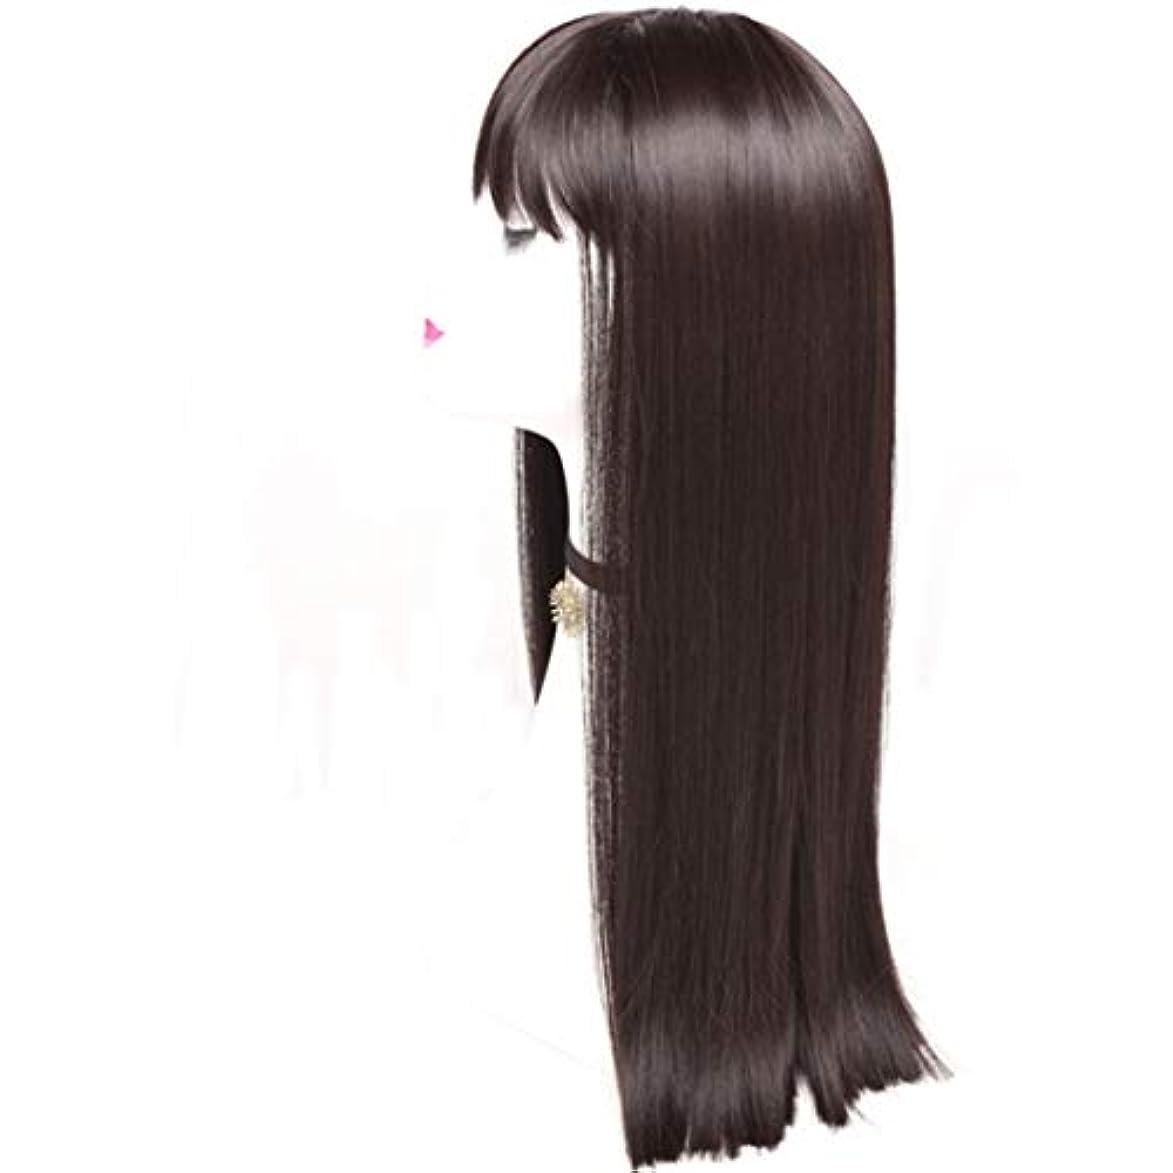 アマゾンジャングル起きている基礎理論Kerwinner レディースかつら魅力的な合成かつらで長いストレートの髪をかつら